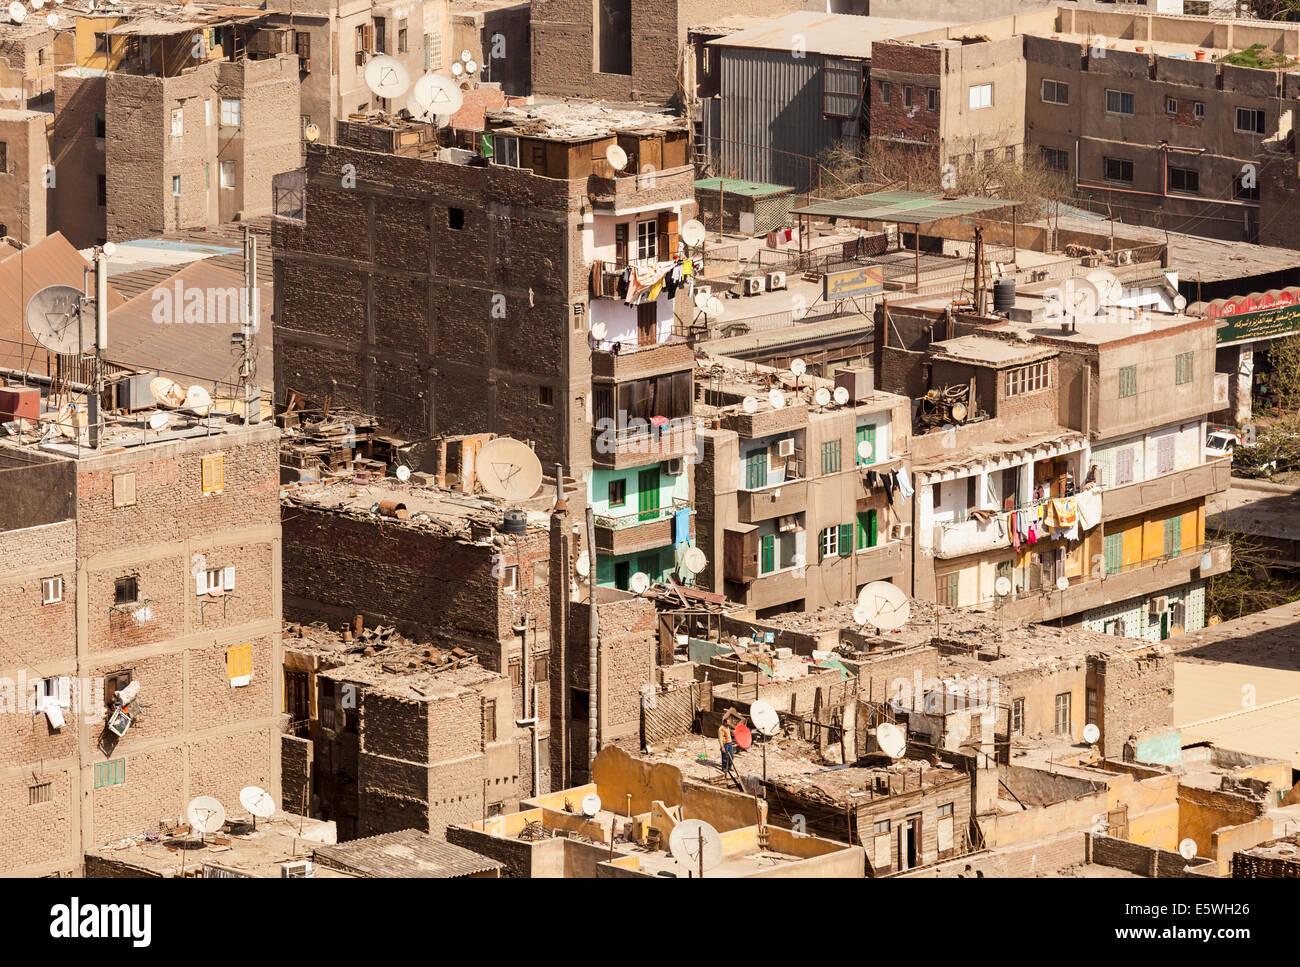 El Cairo, Egipto - tejados de edificios de tugurios en el centro de El Cairo Imagen De Stock